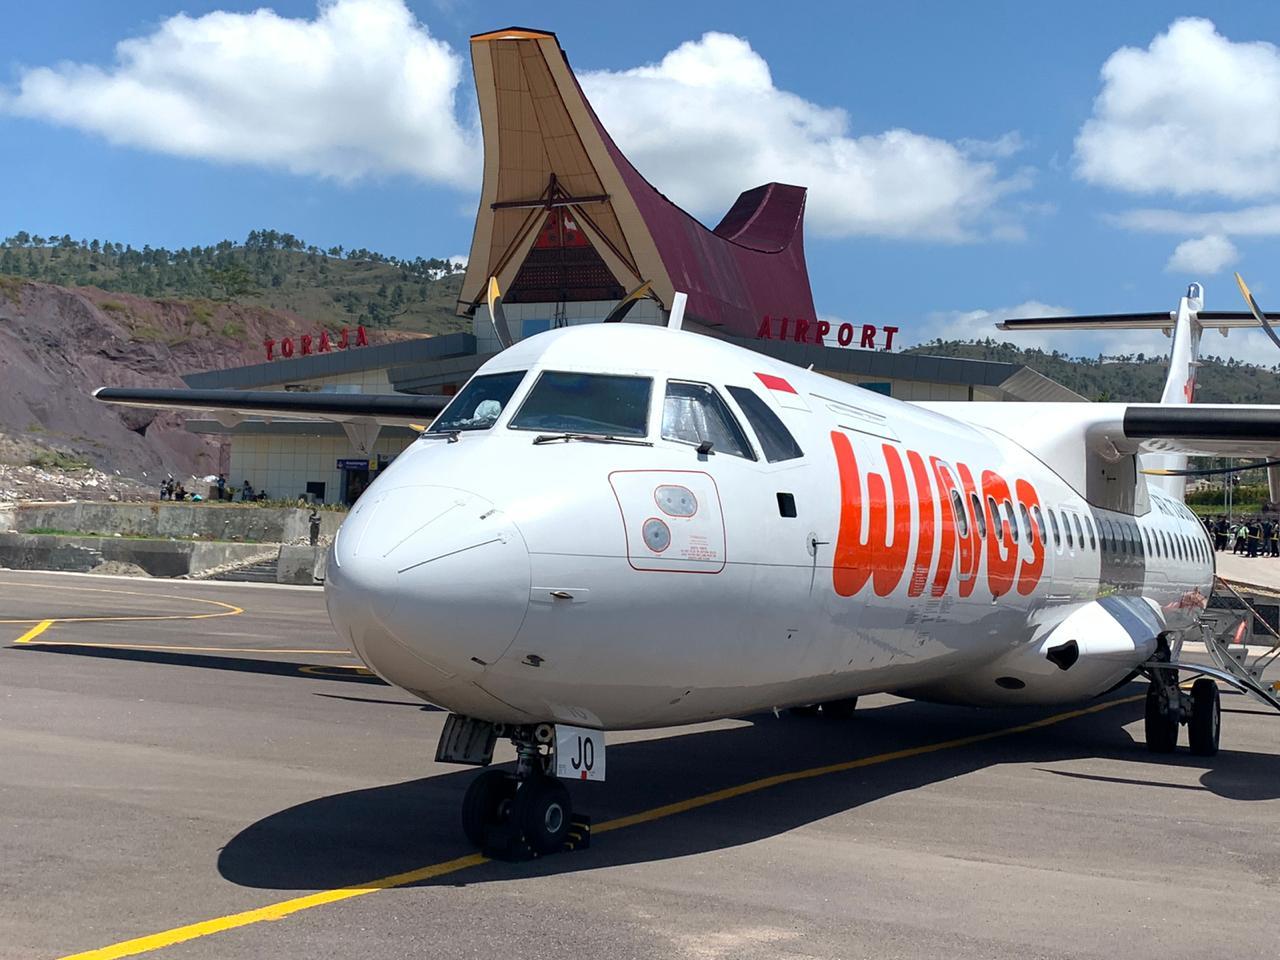 Wings Air Terbang ke Toraja Mulai 4 September 2020 © Lion Air Group